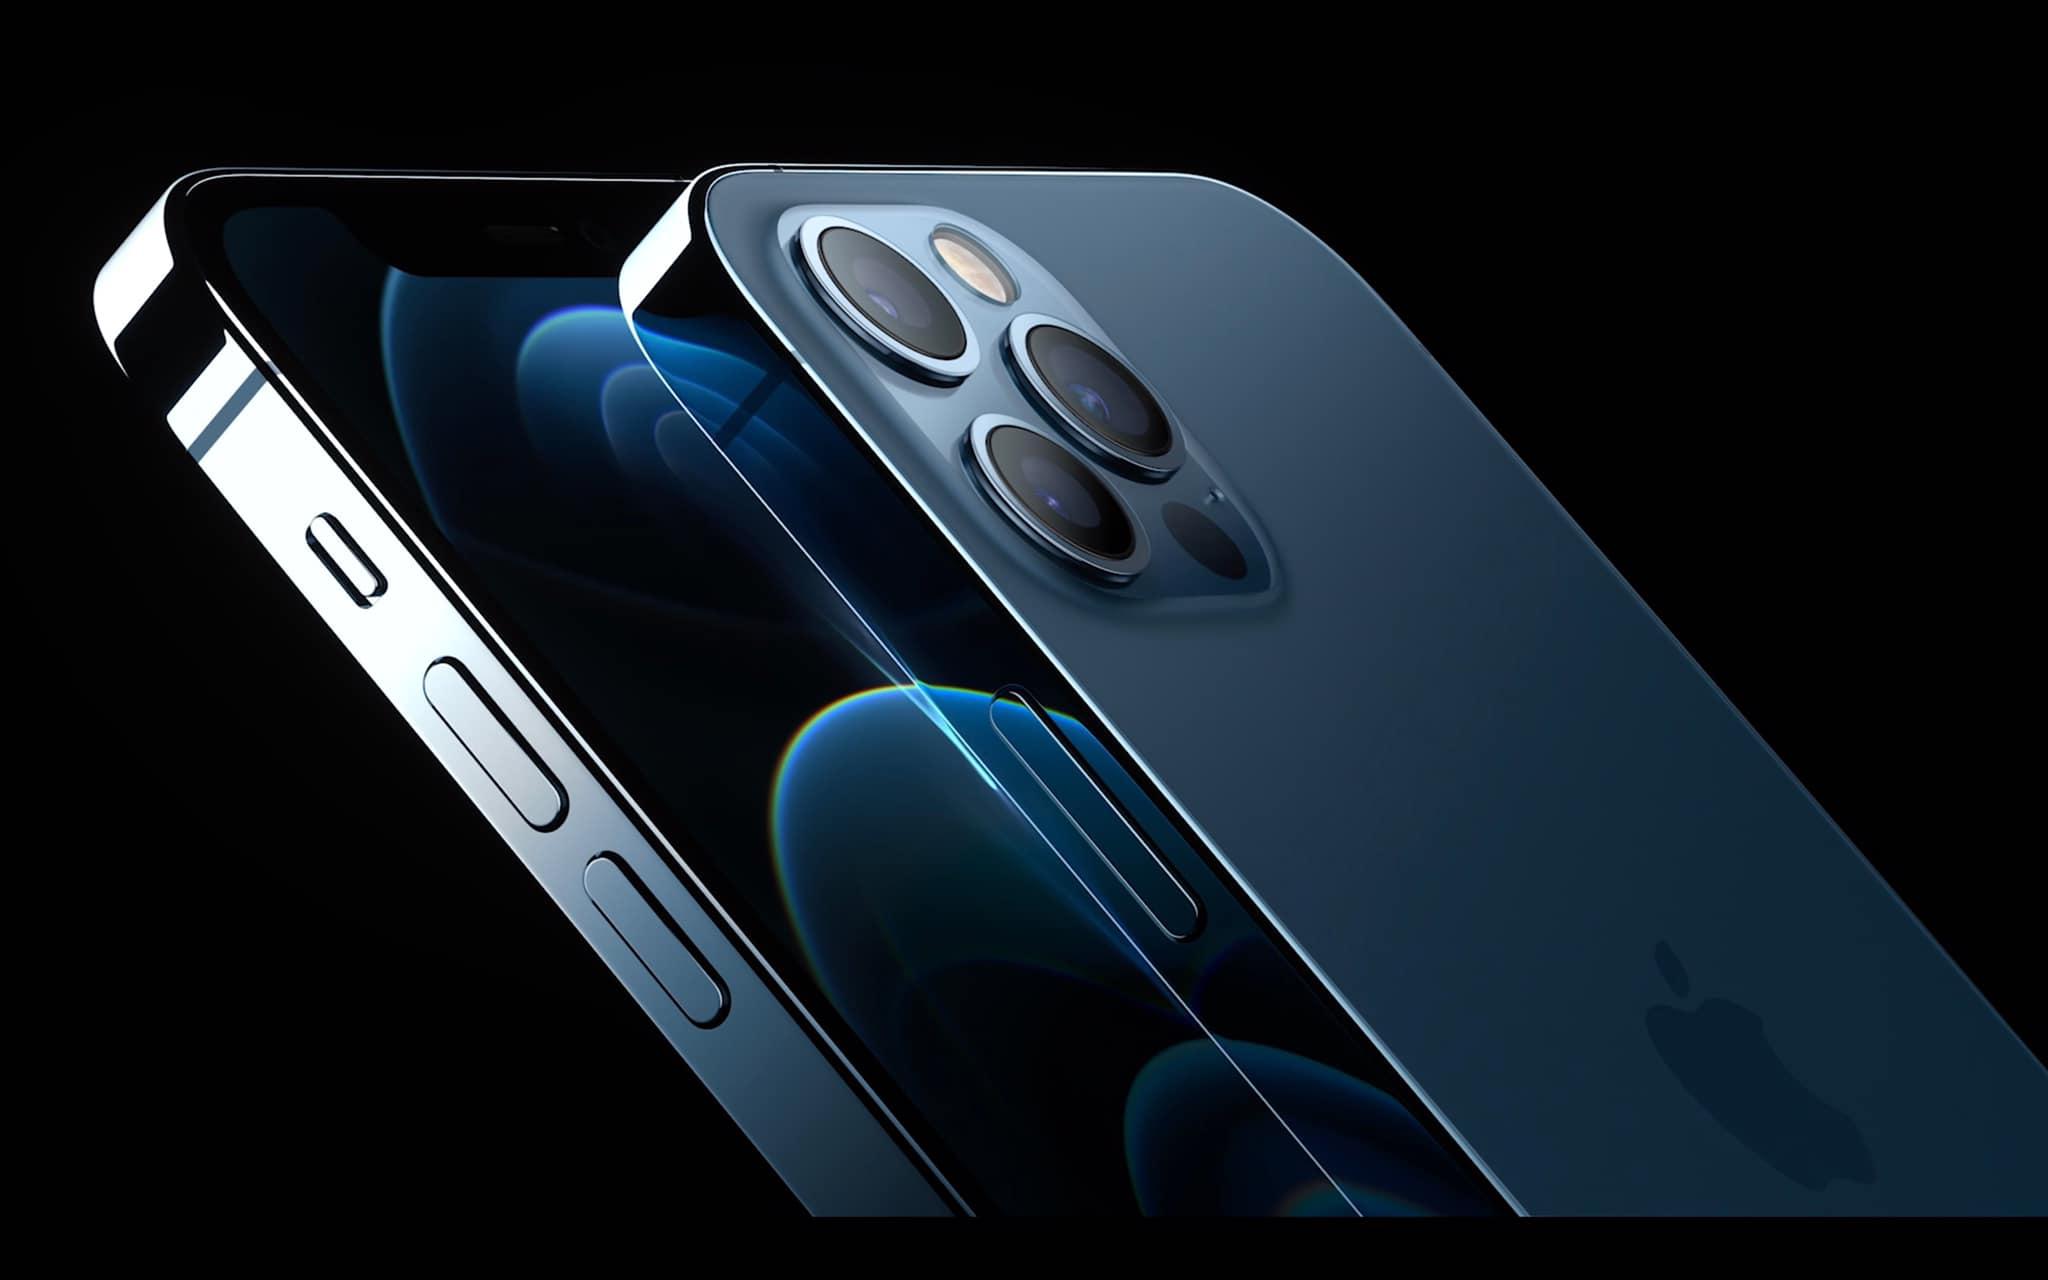 12 pro max mau xanh nauy-halo-mobile